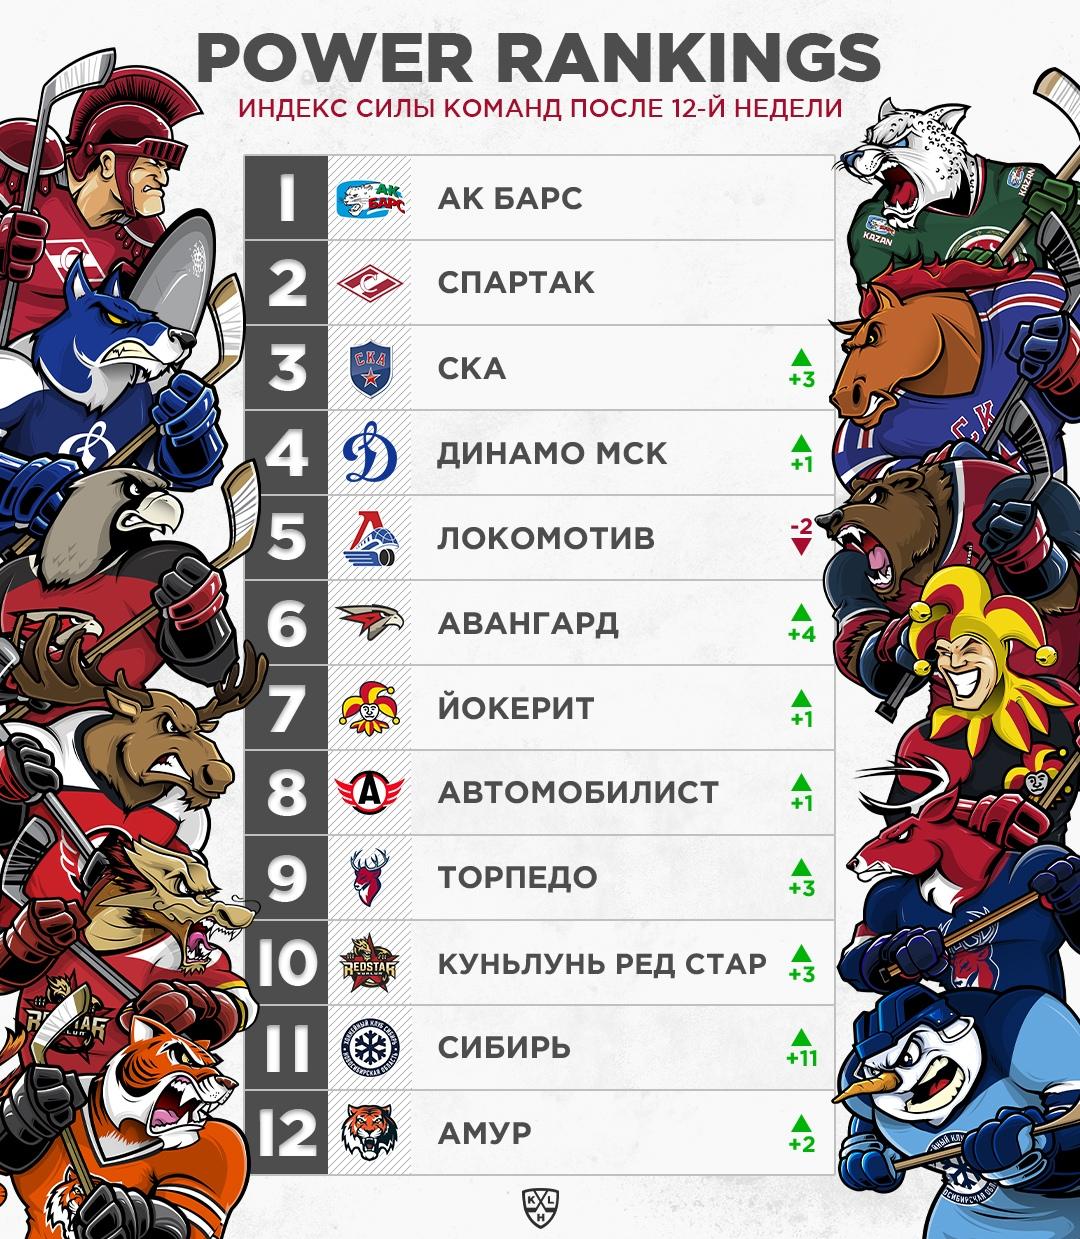 «Спартак» не утратил лидерства в Индексе силы КХЛ